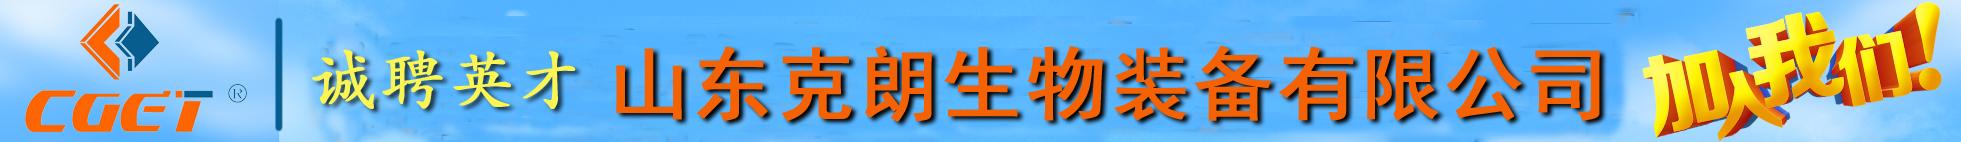 山东克朗生物装备有限公司